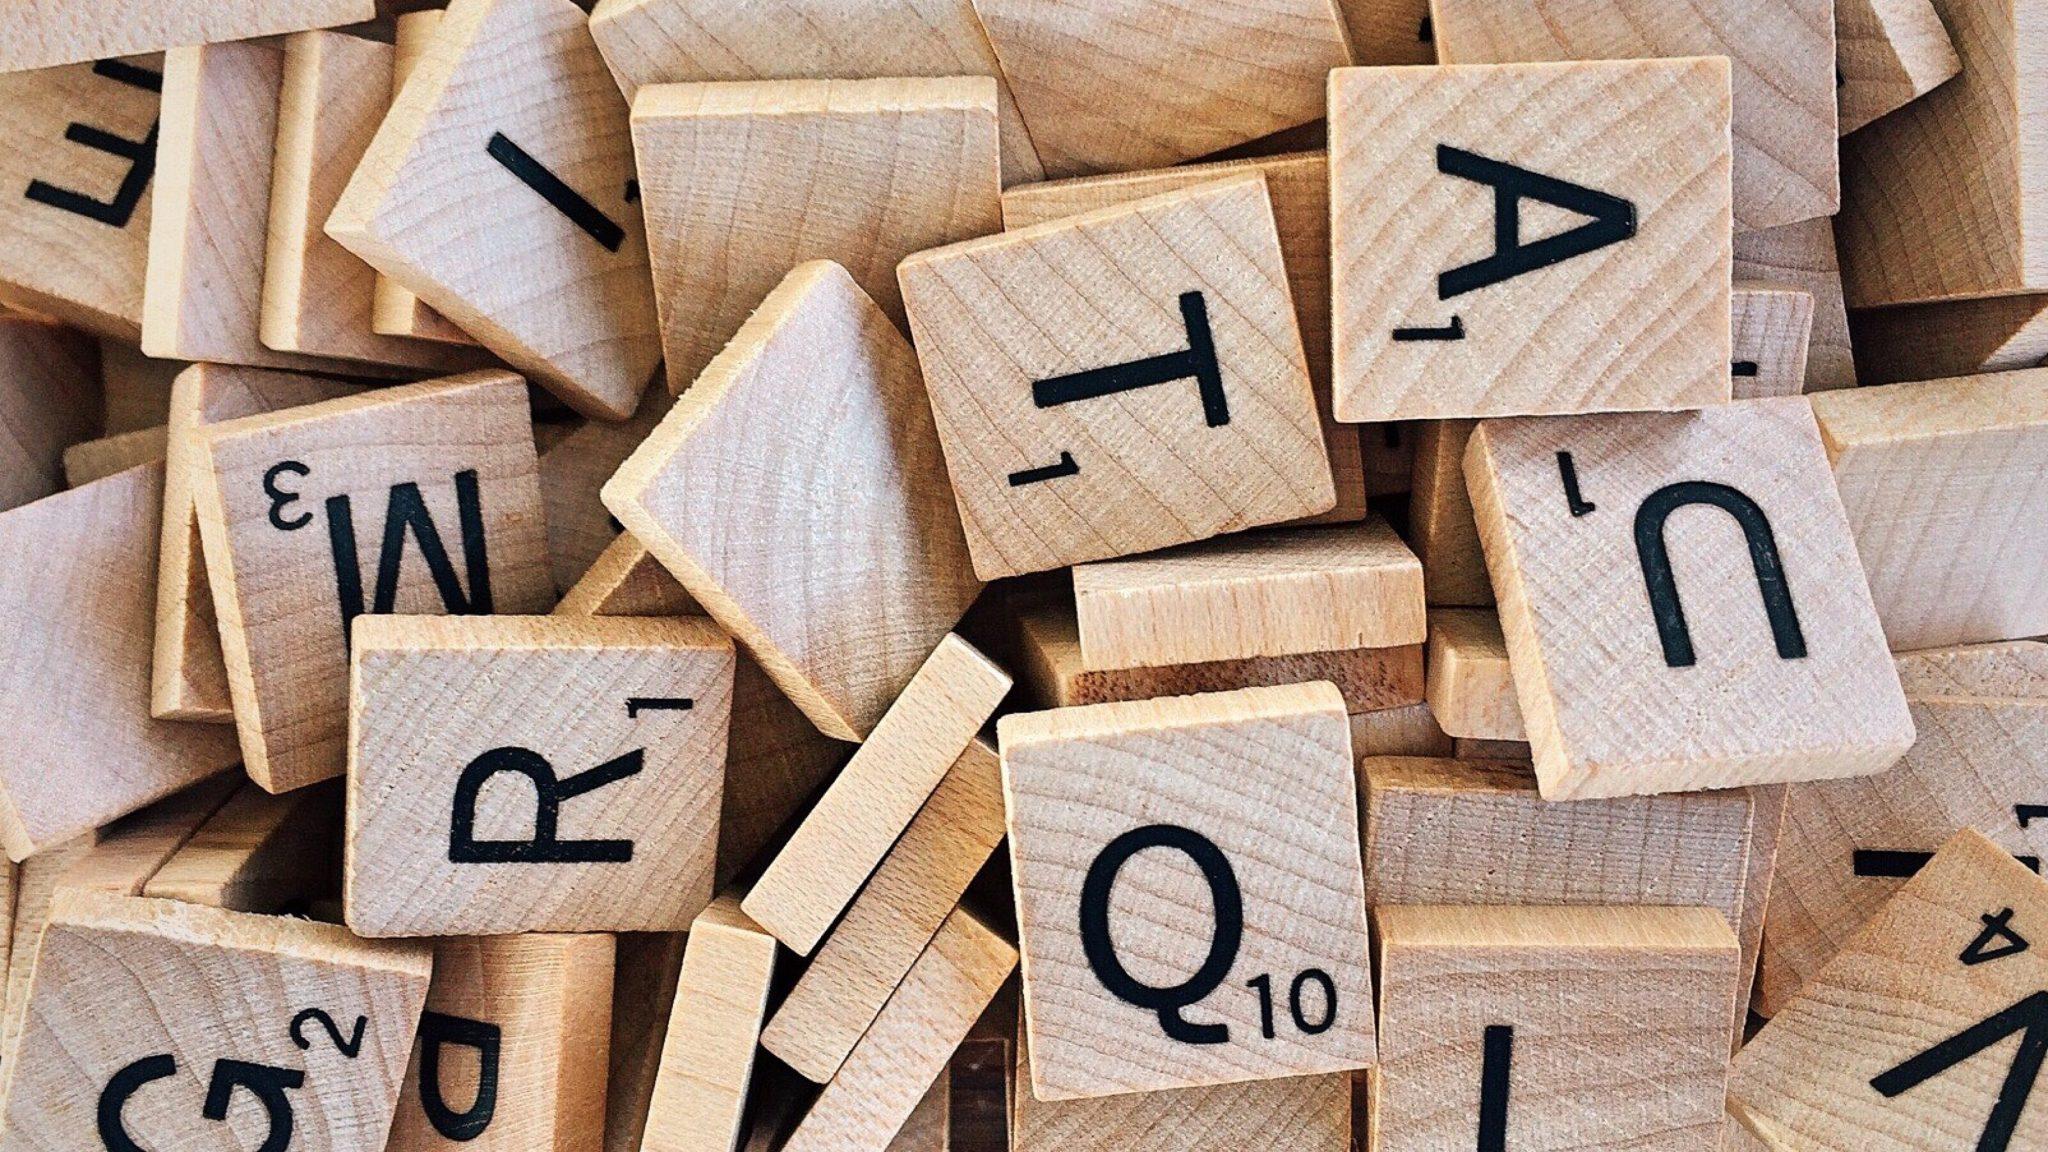 Autoconsapevolezza: pescare sentimenti e sensazioni in se stessi come si fa con le lettere dello Scarabeo.